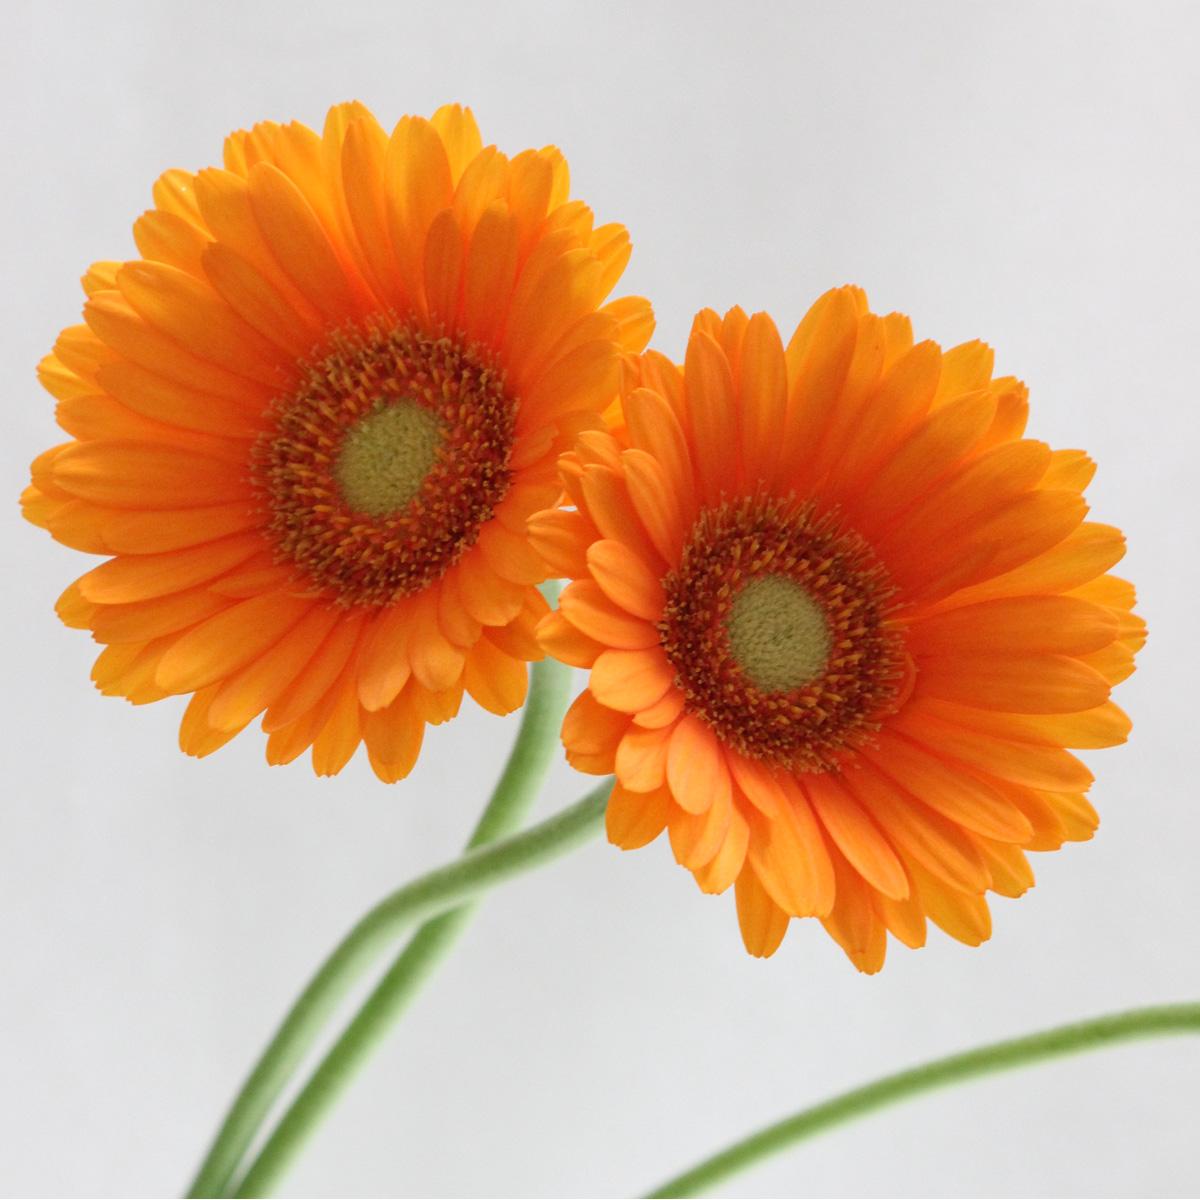 【生花】【さぎやま】ガーベラ エミ(オレンジ芯白)